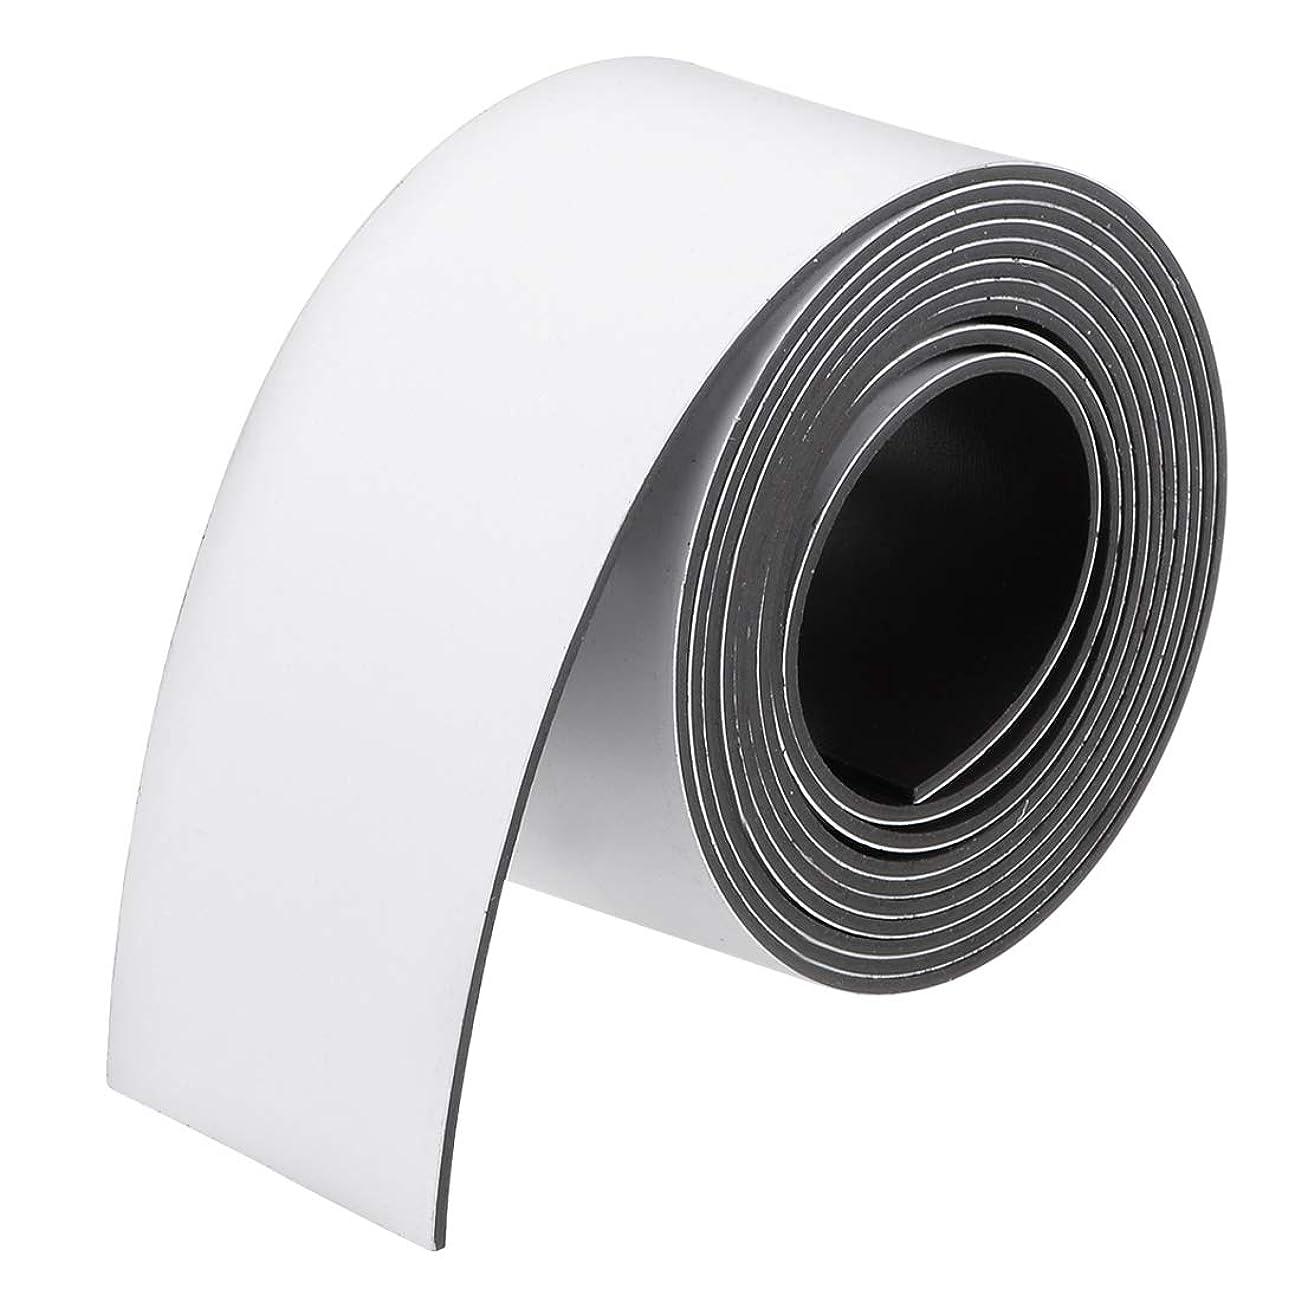 ハンドブック通り抜ける解体するuxcell uxcell ドライ消去フレキシブル磁気ストリップ 磁気シート ラベルステッカー 書き込み可能 ホワイトボード用 冷蔵庫 工芸品